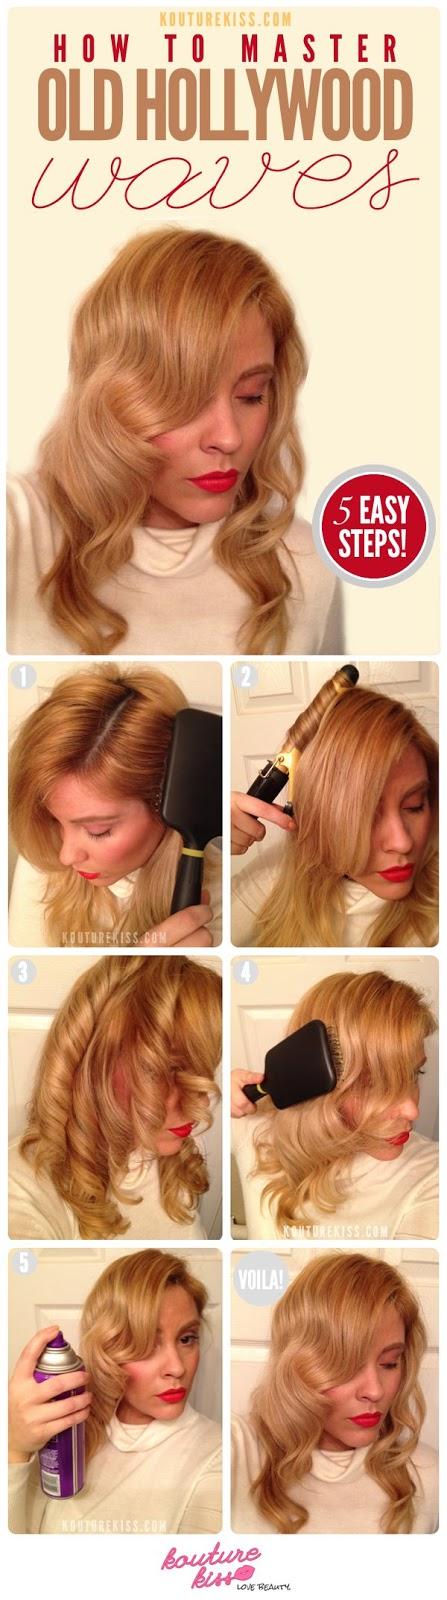 9.DIY HAIRSTYLES